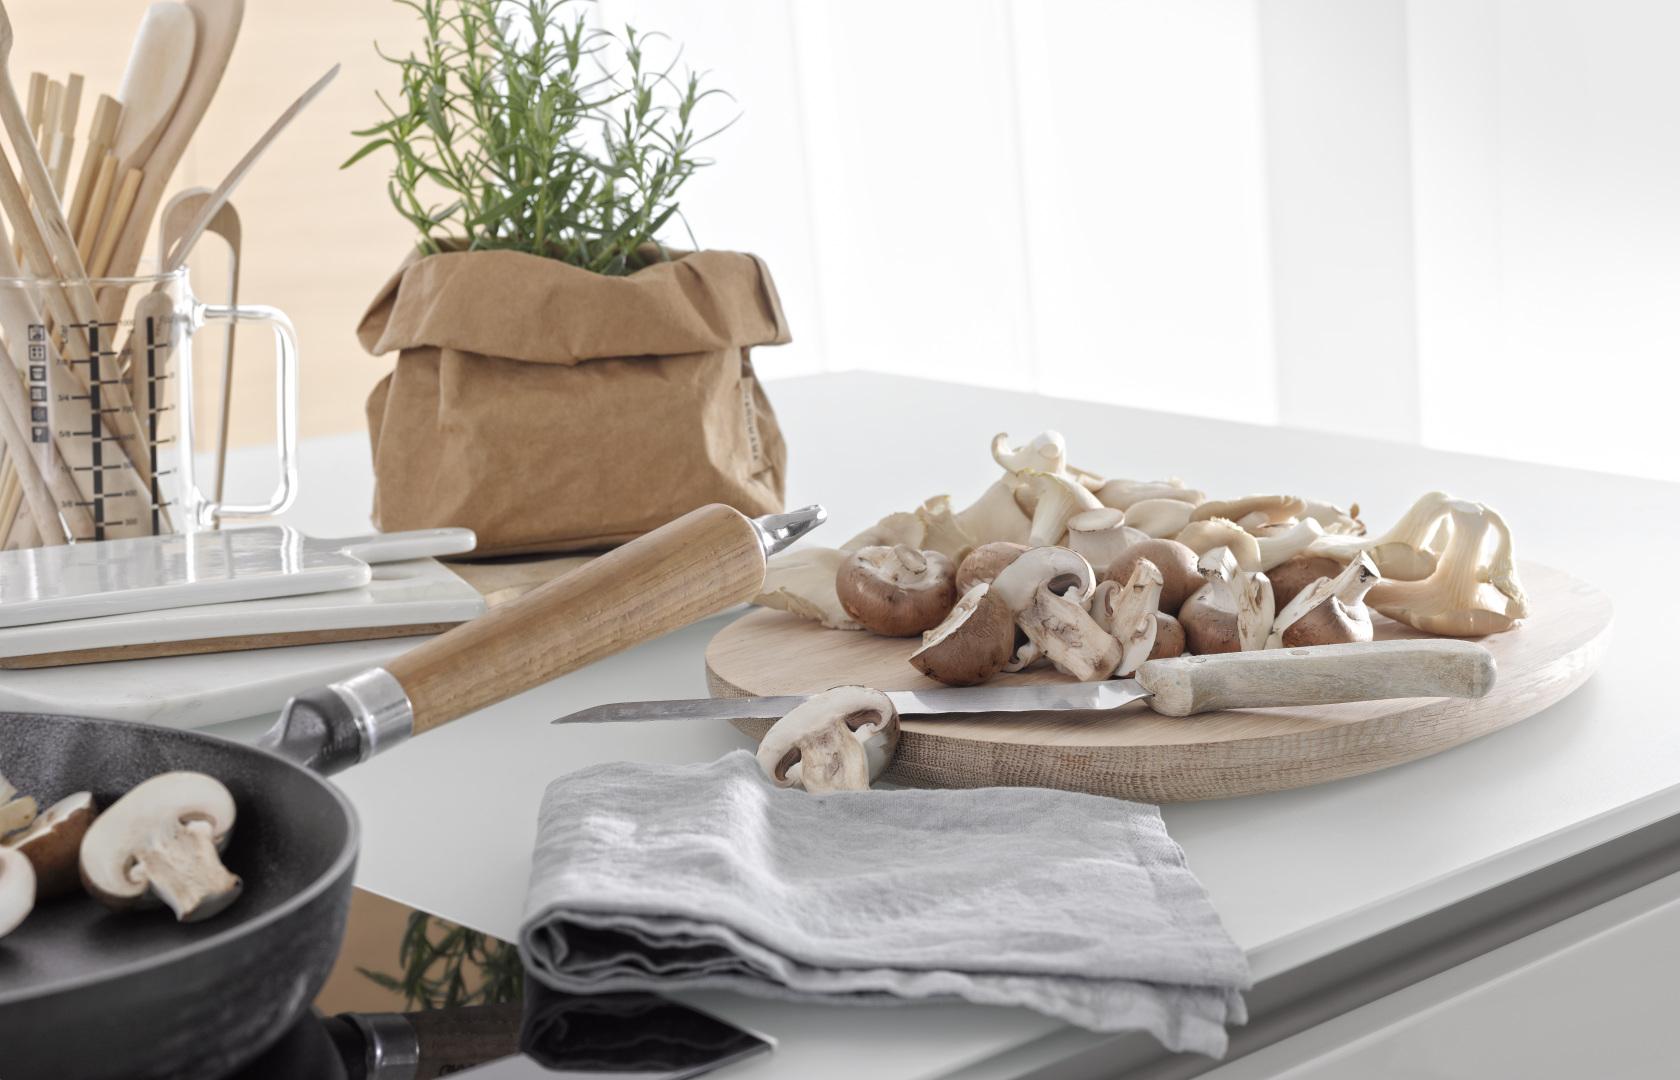 Nolte küchen online kaufen  Nolte Küchen online kaufen - Top Beratung | küchenEXPERTE